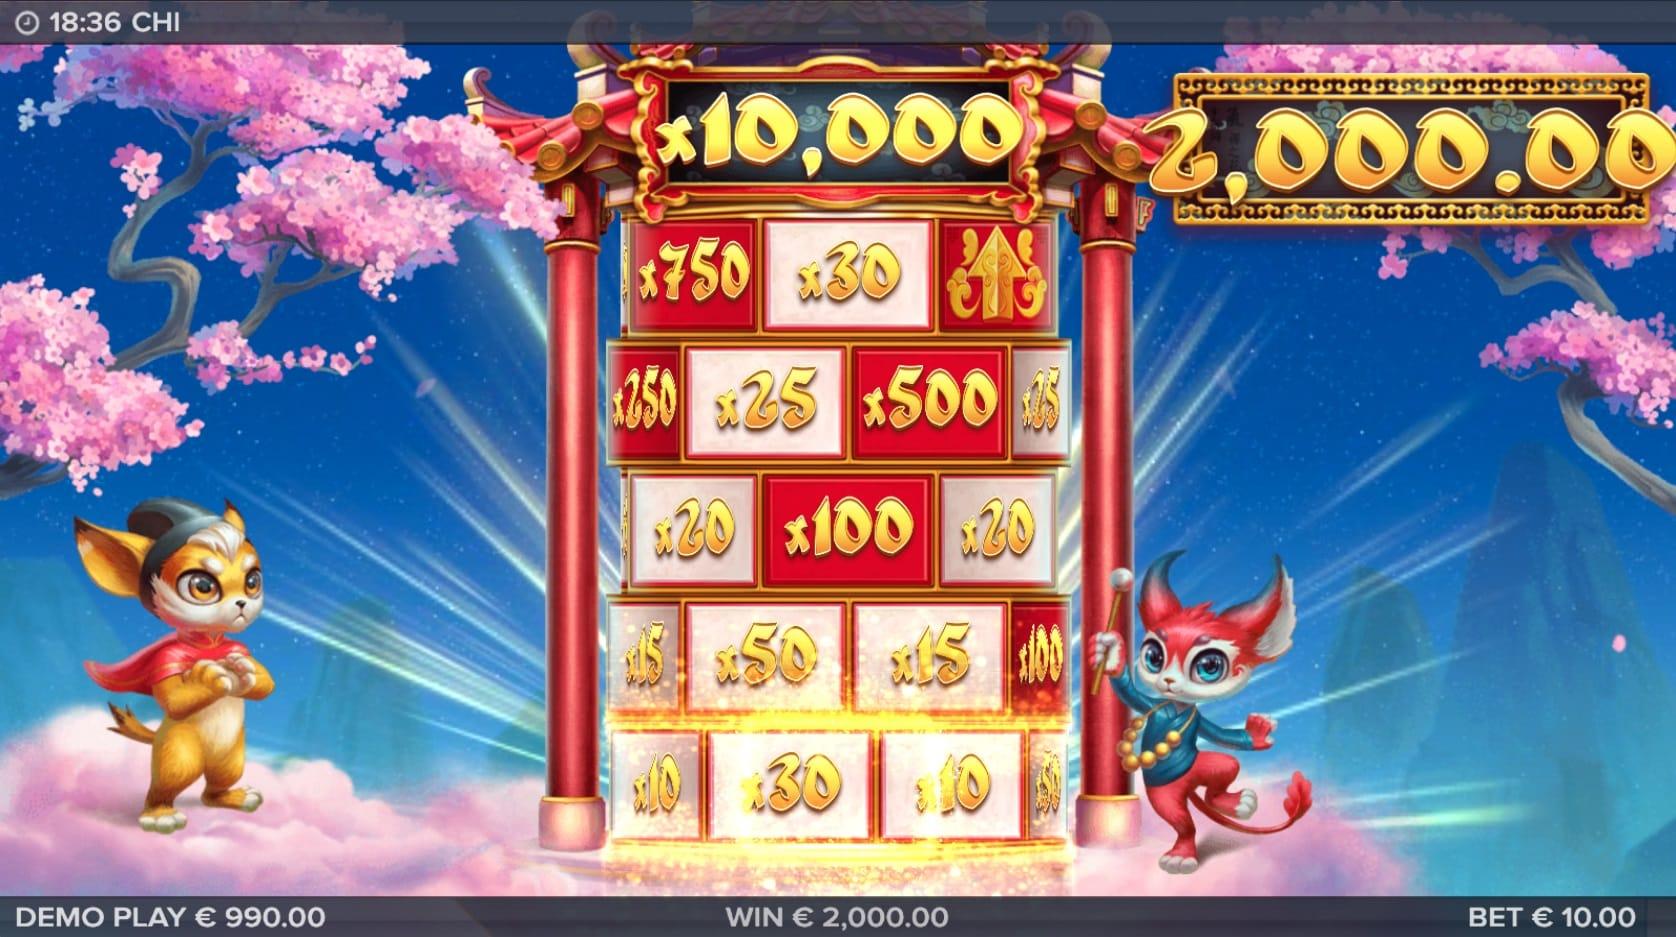 chi slots bonus features mega reel